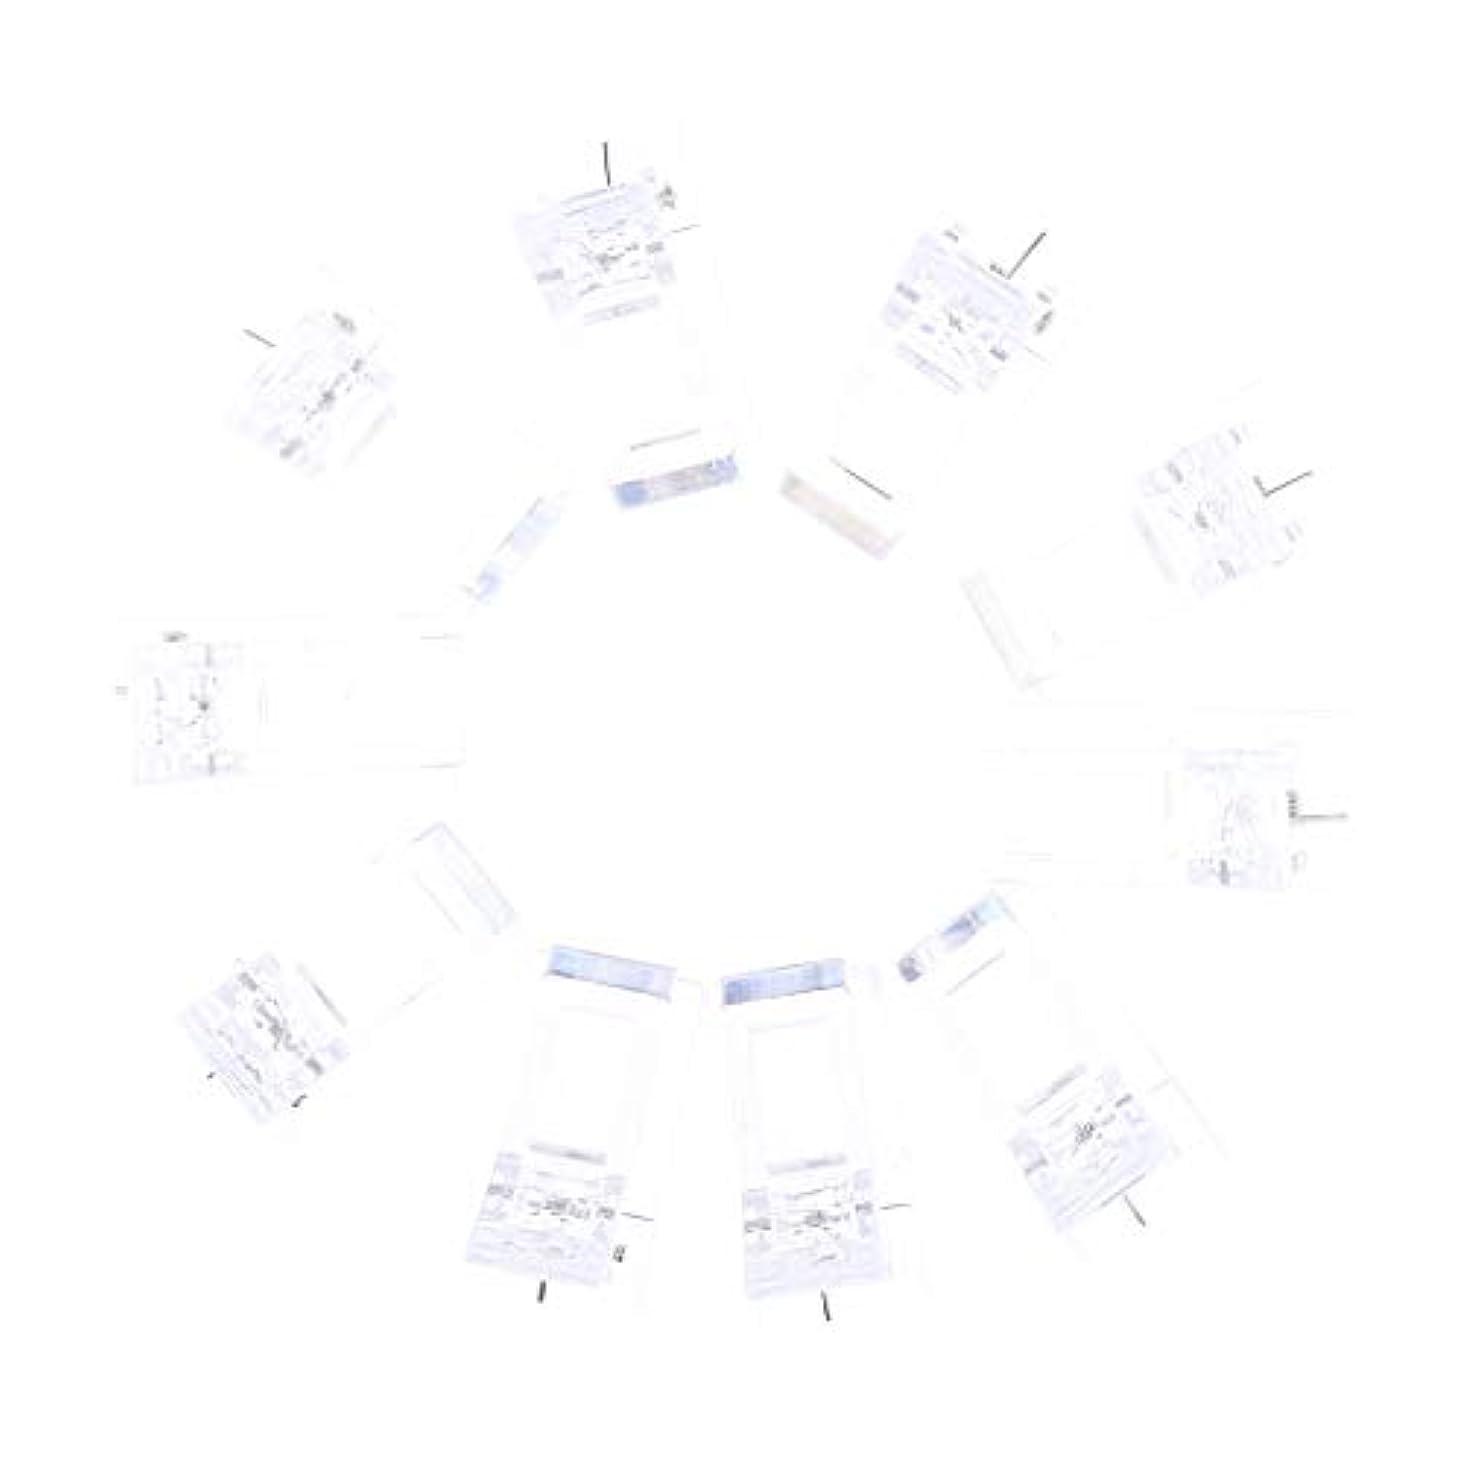 応じる口径永遠にネイルクリップ ネイル固定クリップ ネイルチップ ネイルアート UVゲルビルダツール 10個入り